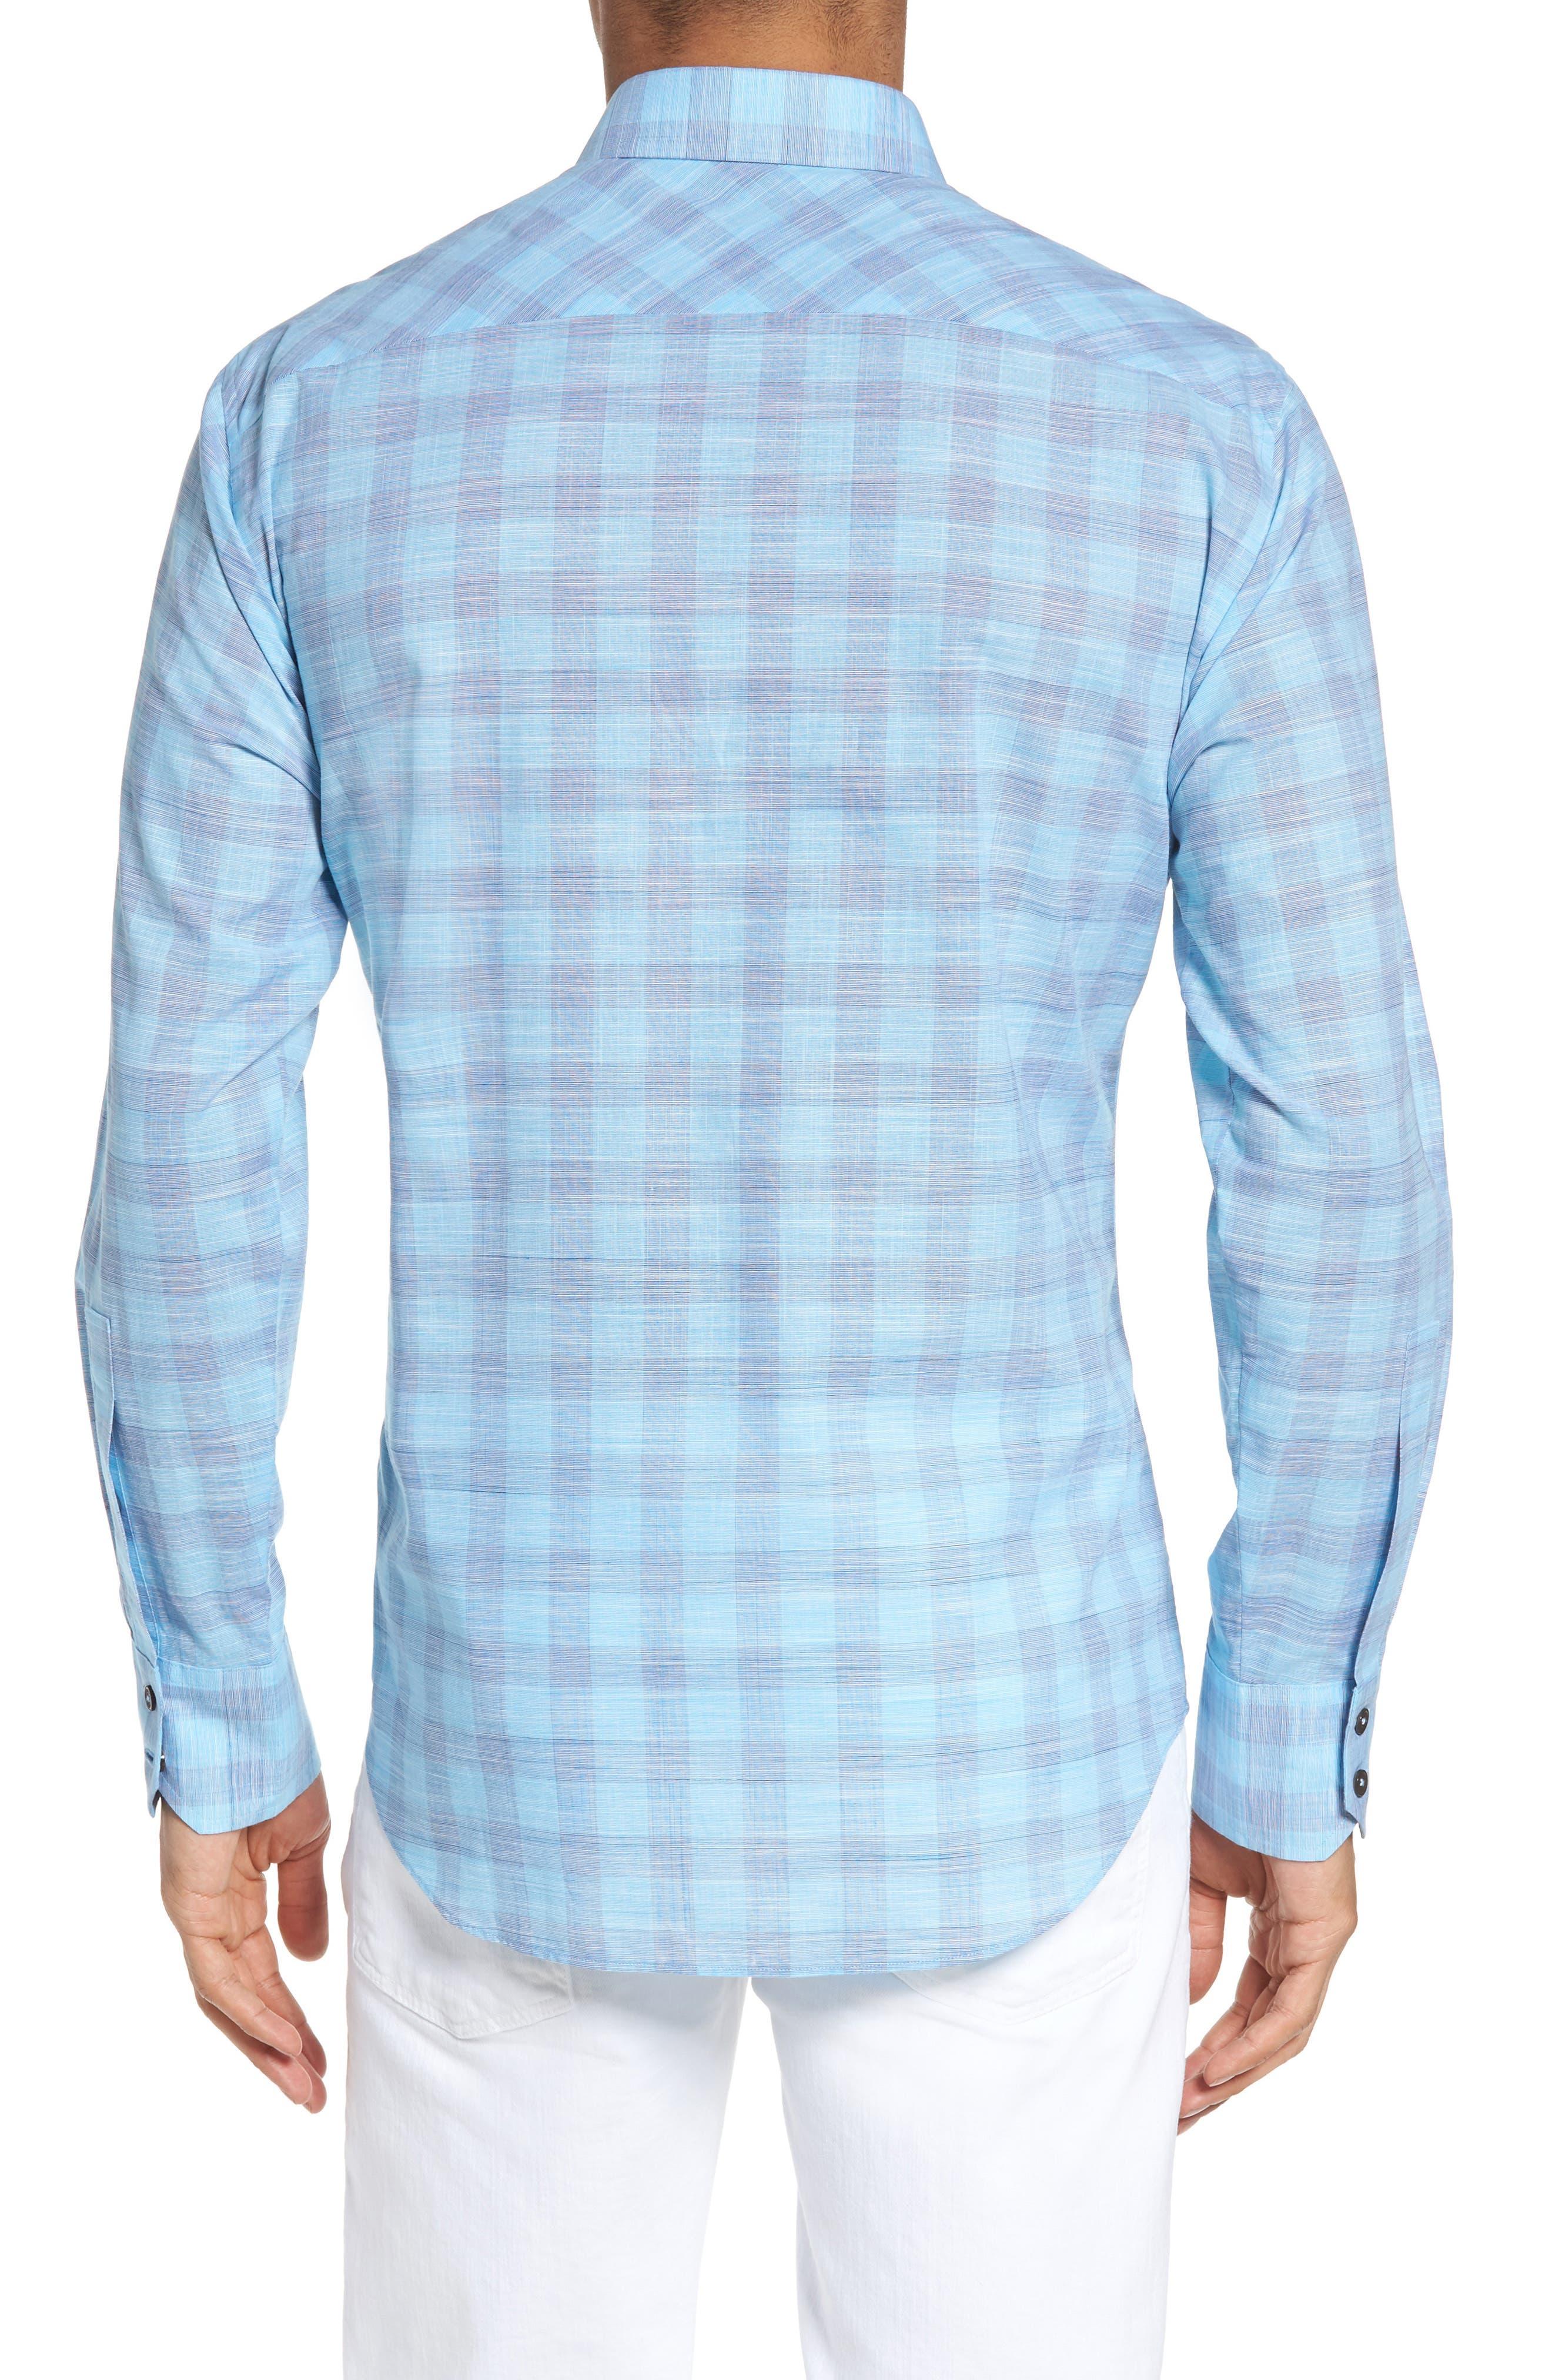 Colin Trim FIt Plaid Sport Shirt,                             Alternate thumbnail 2, color,                             439